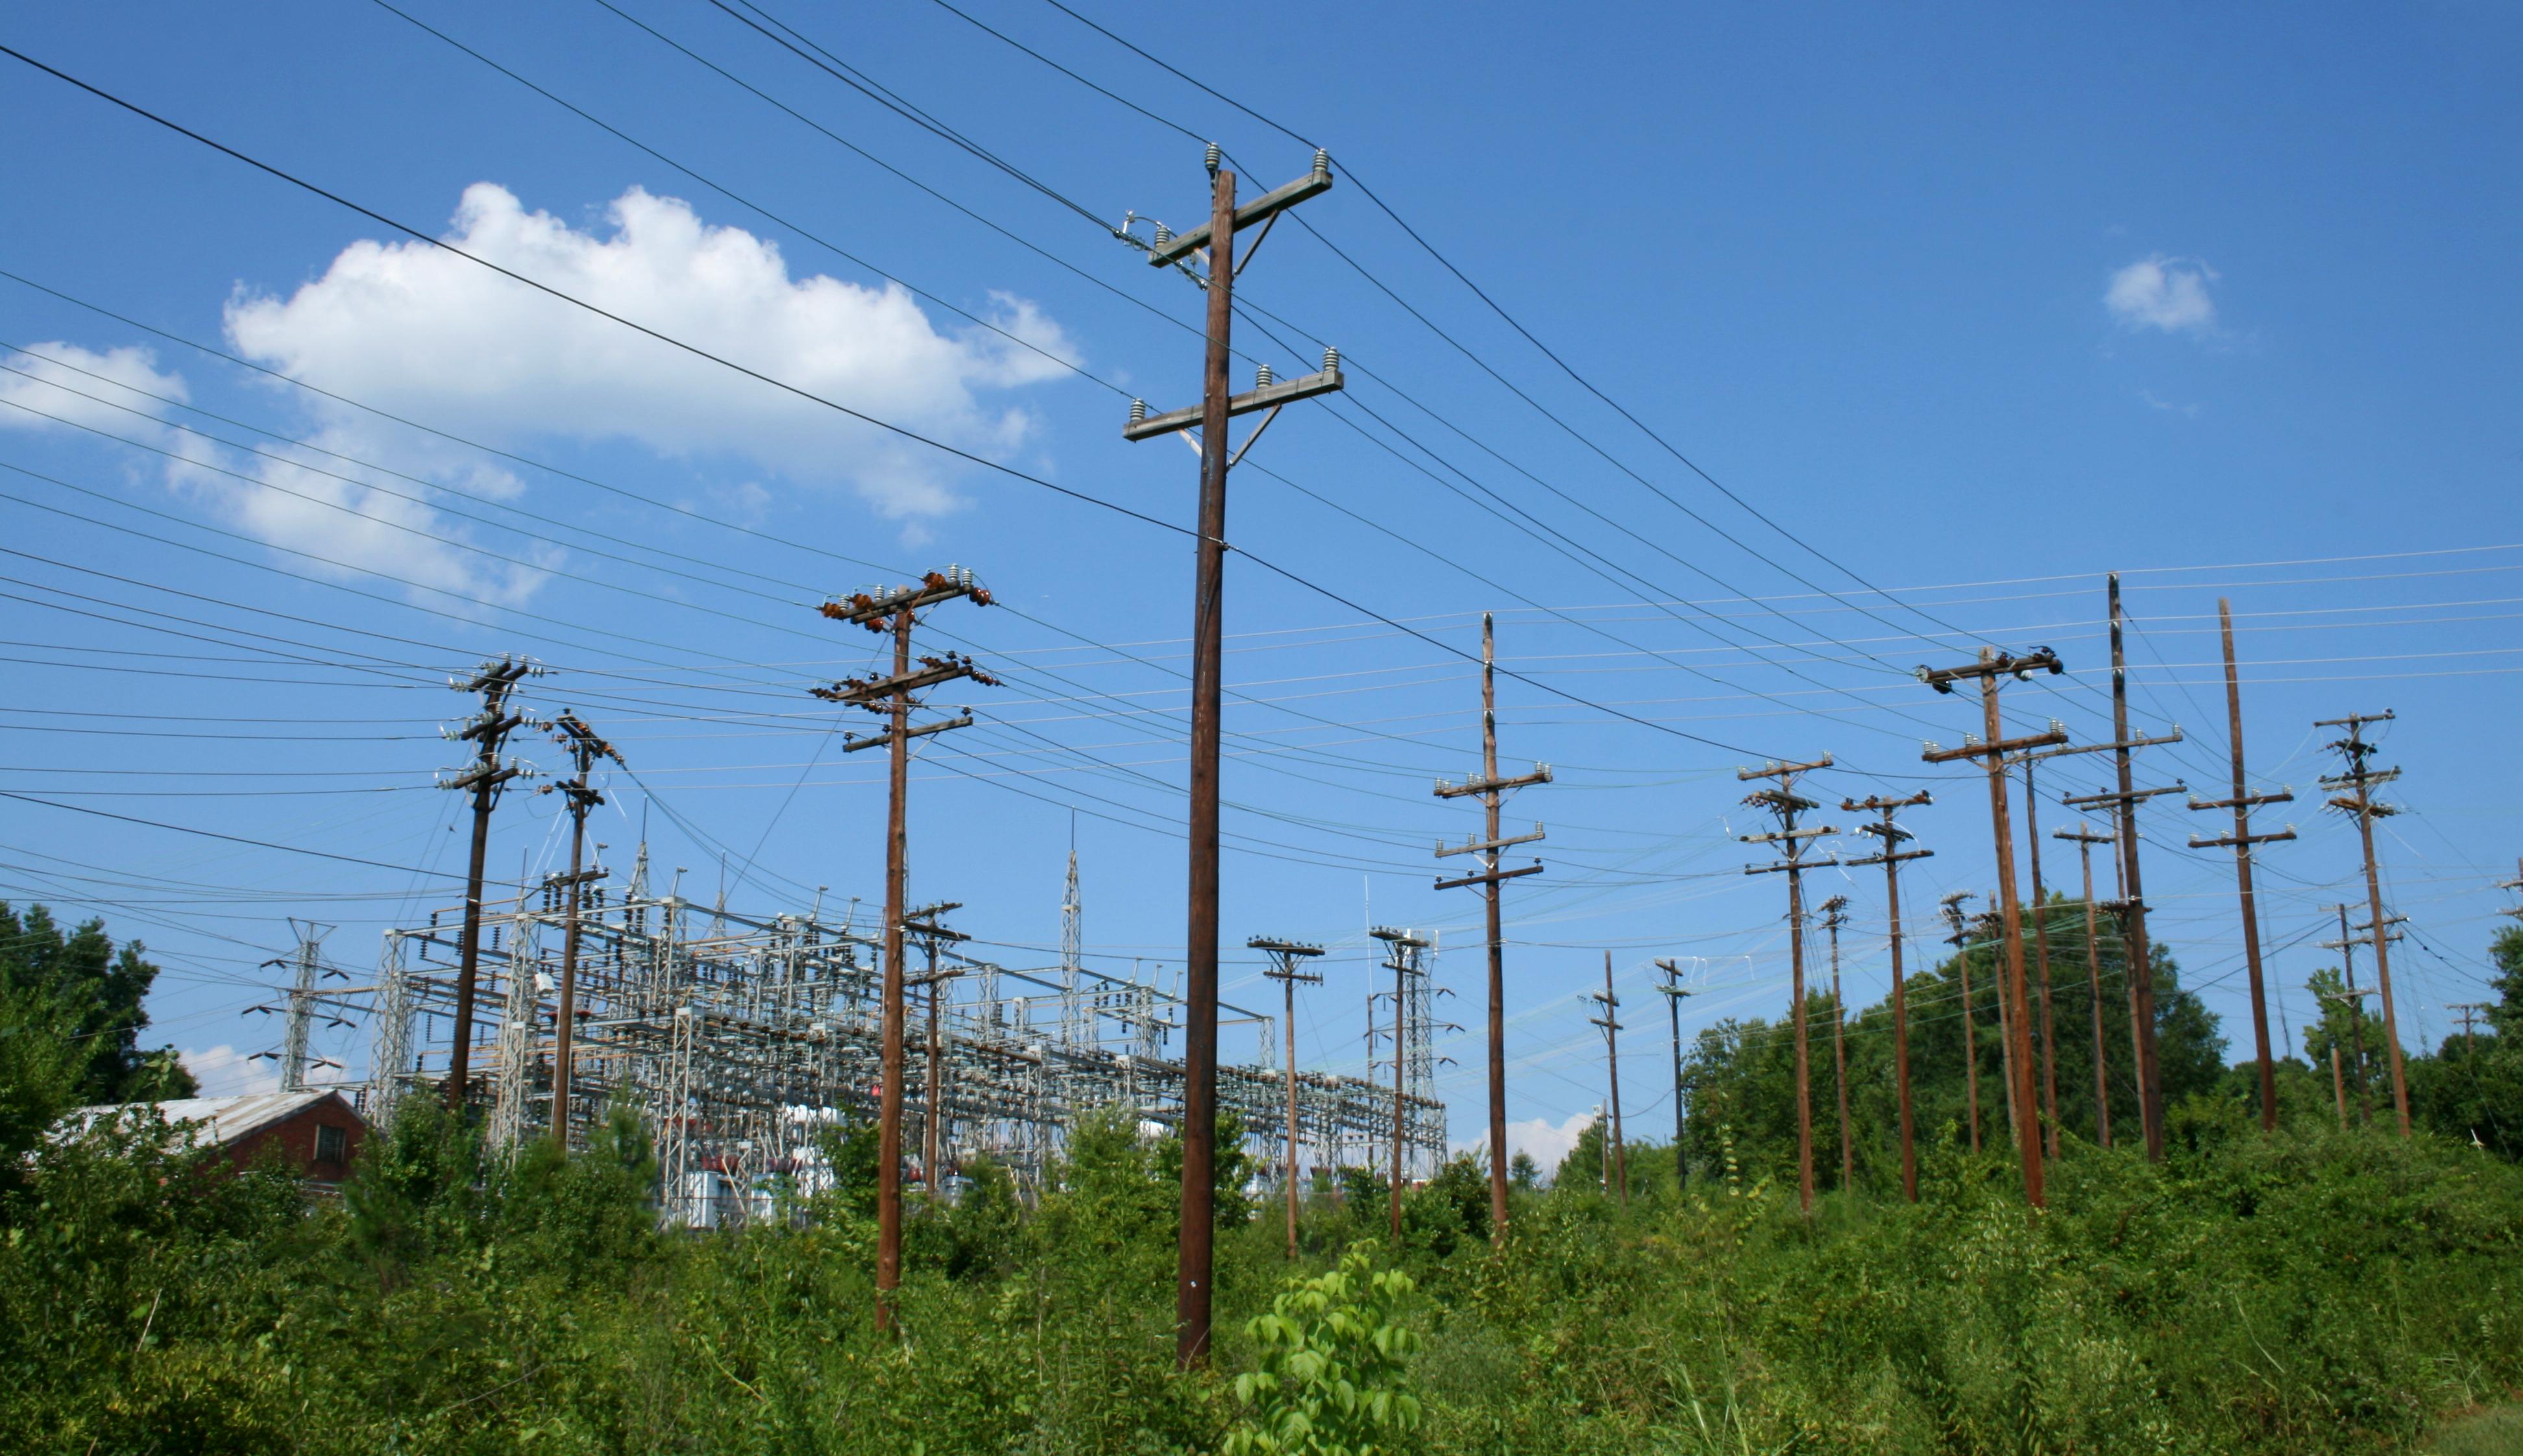 File:2008-08-03 Crowded by utility poles.jpg - Wikimedia ...